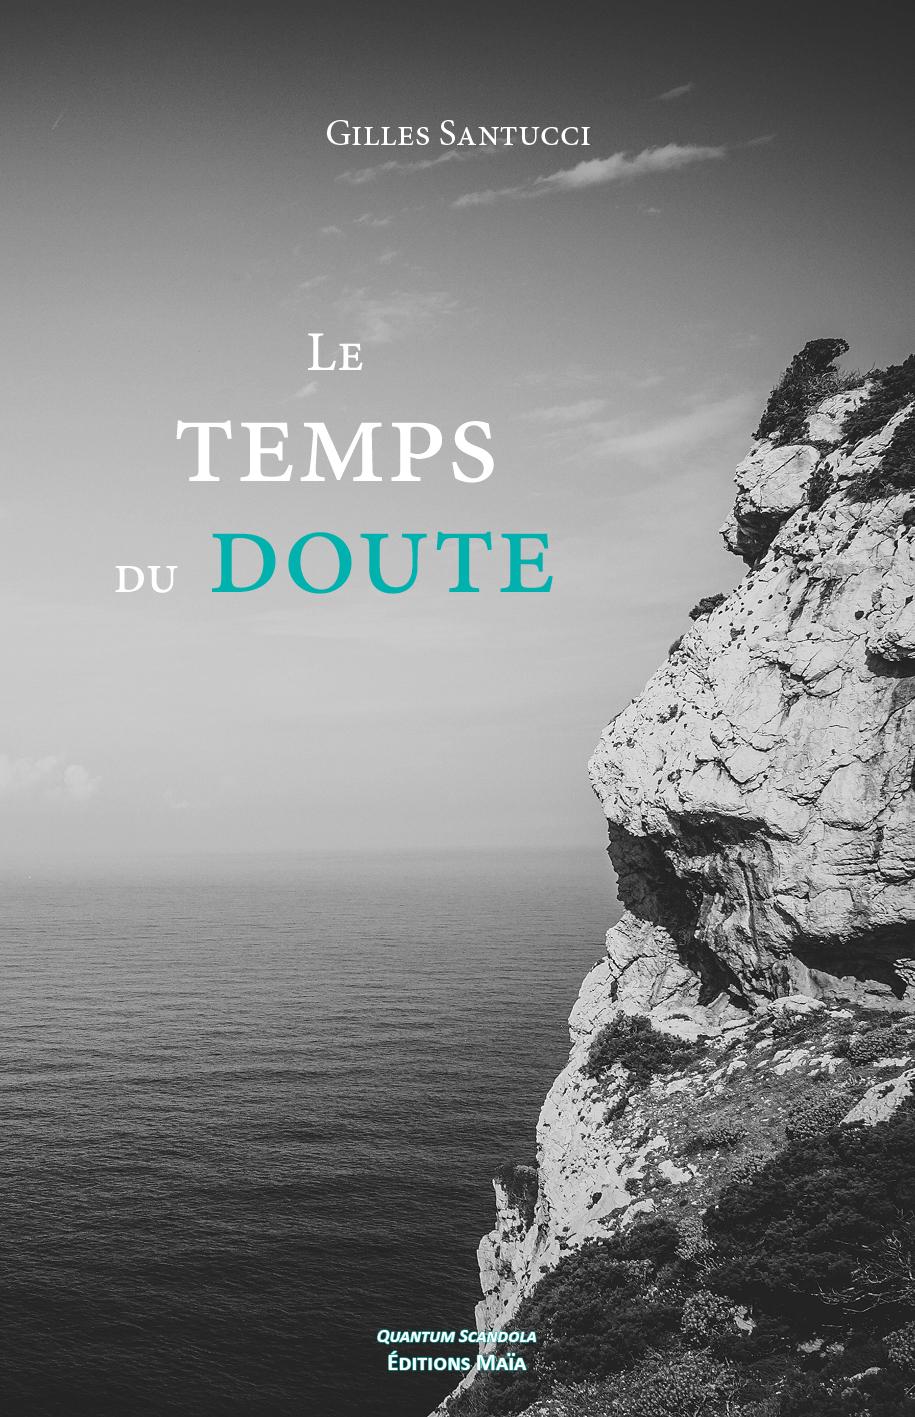 «Le temps du doute », nouveau passionnant roman de Gilles Santucci